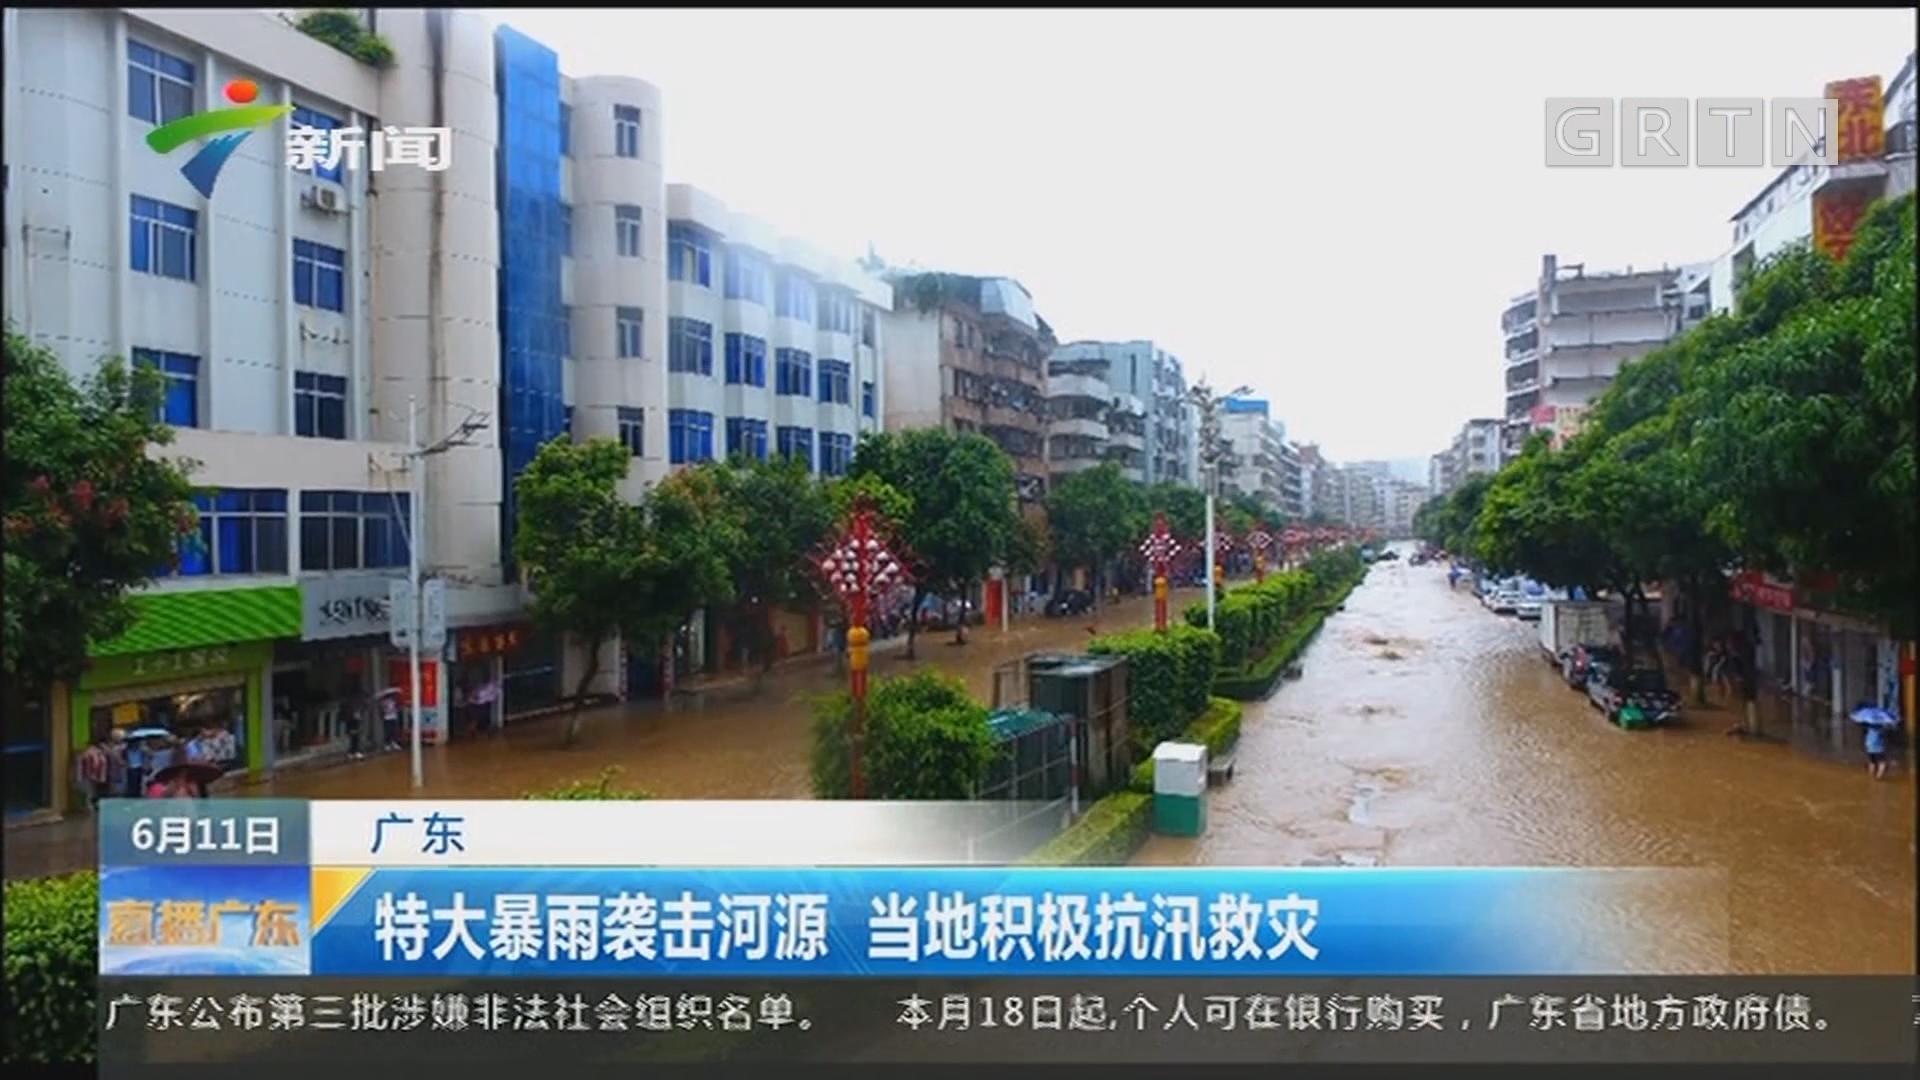 广东:特大暴雨袭击河源 当地积极抗汛救灾